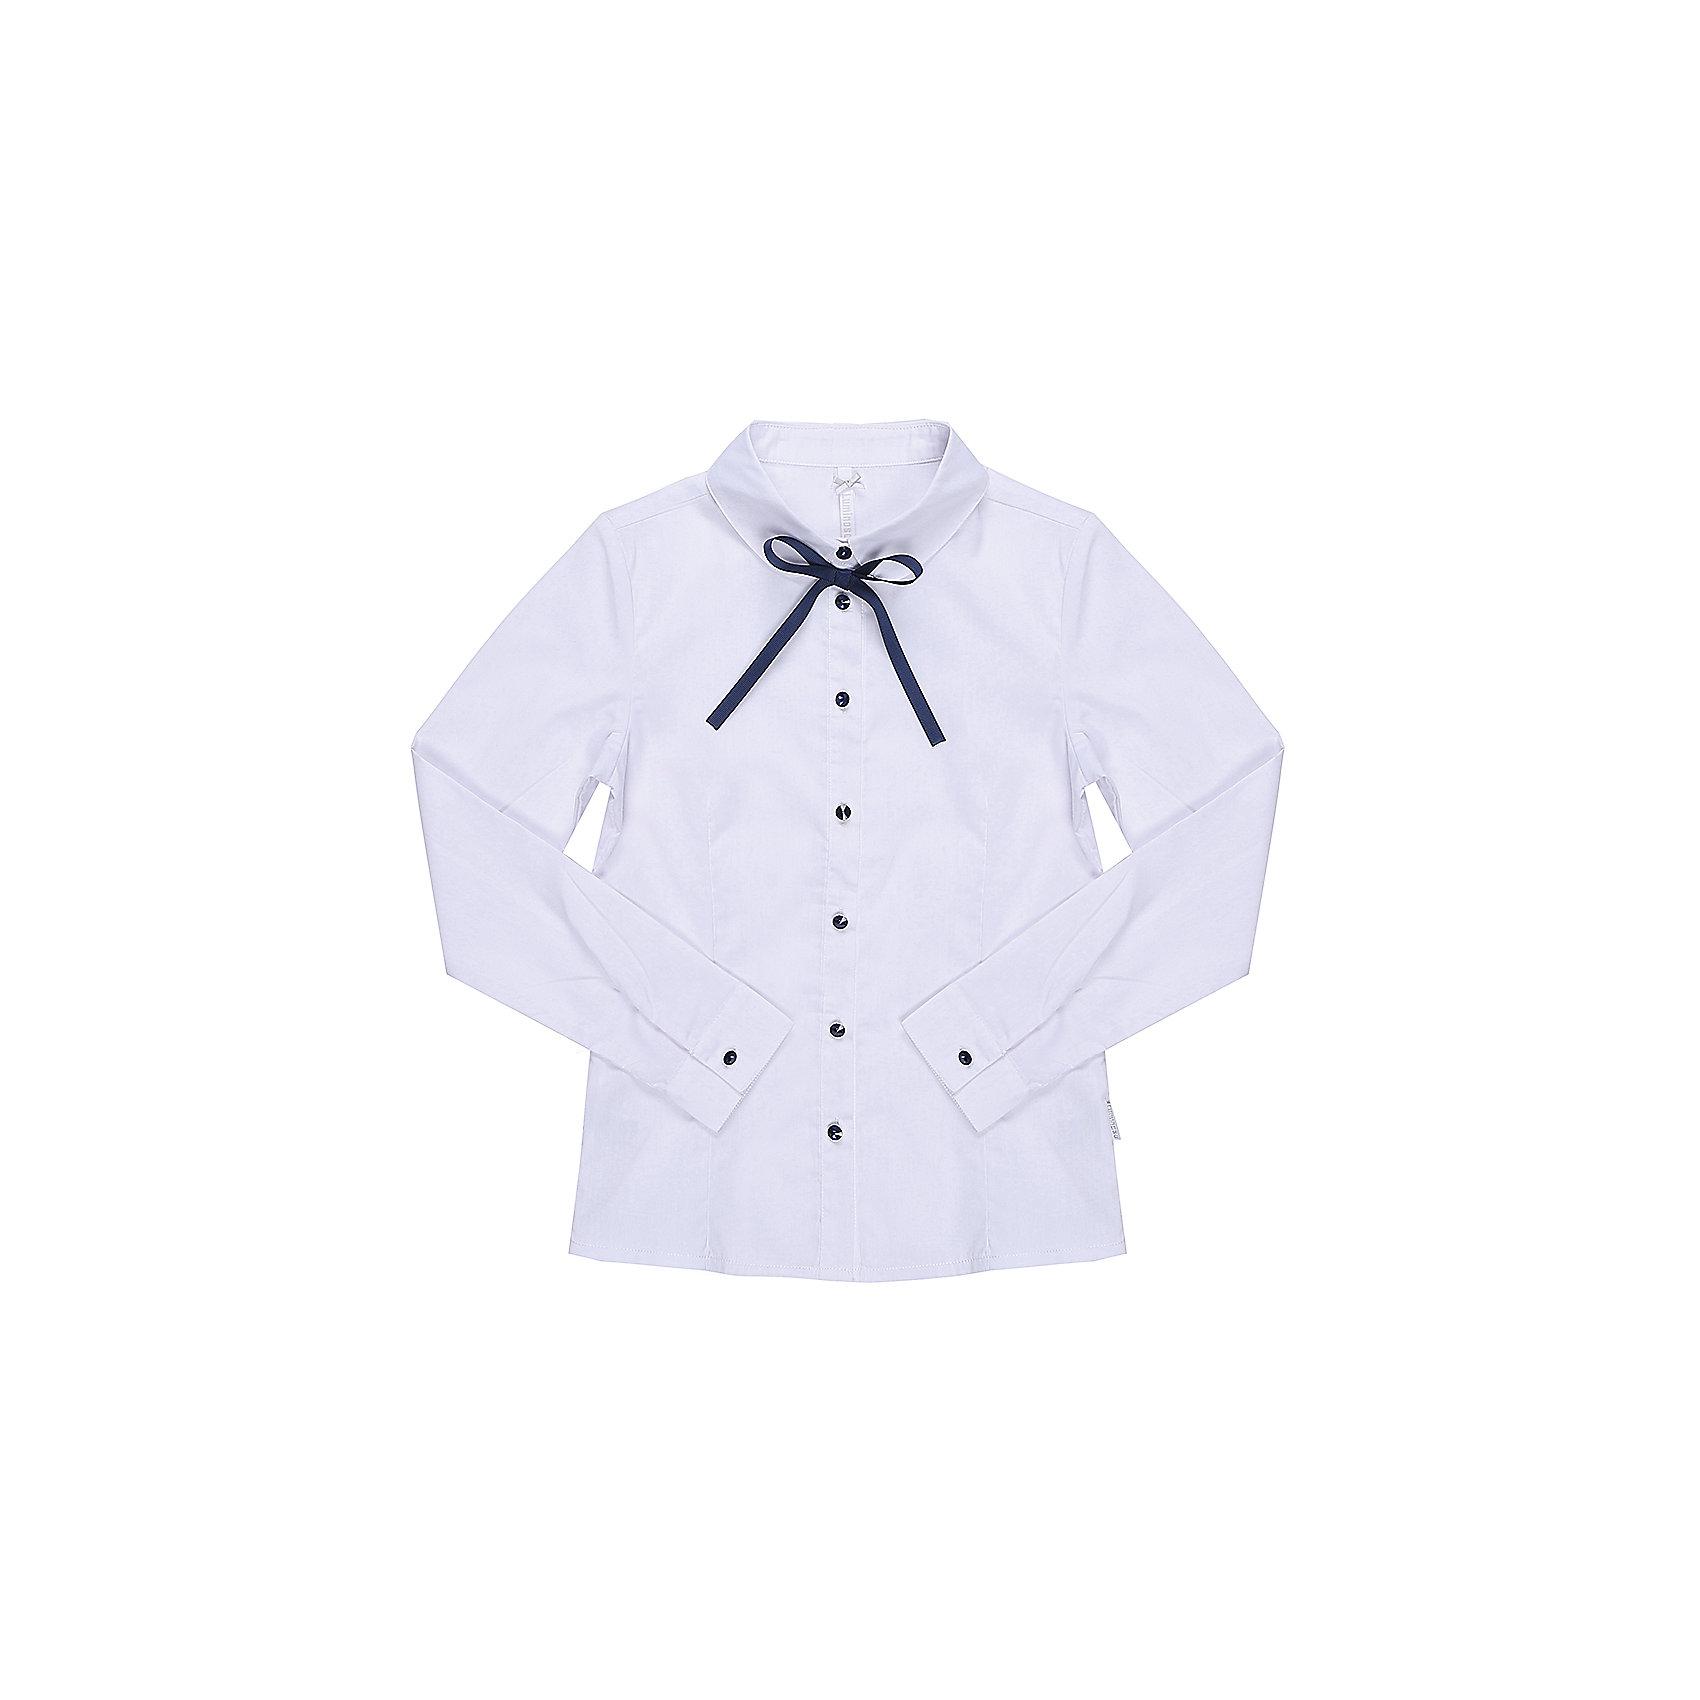 Блузка для девочки LuminosoБлузки и рубашки<br>Характеристики товара:<br><br>• цвет: белый;<br>• состав: 65% хлопок, 32% полиэстер, 3% эластан;<br>• сезон: демисезон;<br>• особенности: школьная, с бантиком;<br>• застежка: пуговицы;<br>• с длинным рукавом;<br>• декорирована бантиком;<br>• манжеты рукавов на пуговице;<br>• страна бренда: Россия;<br>• страна производства: Китай.<br><br>Школьная блузка с длинным рукавом для девочки. Белая блузка приталенного кроя. Застегивается на пуговки, манжеты рукавов на одной пуговице. Декорирована бантиком и пуговками контрастного синего цвета.<br><br>Блузка для девочки Luminoso (Люминосо) можно купить в нашем интернет-магазине.<br><br>Ширина мм: 186<br>Глубина мм: 87<br>Высота мм: 198<br>Вес г: 197<br>Цвет: белый<br>Возраст от месяцев: 156<br>Возраст до месяцев: 168<br>Пол: Женский<br>Возраст: Детский<br>Размер: 164,122,128,134,140,146,152,158<br>SKU: 6672101